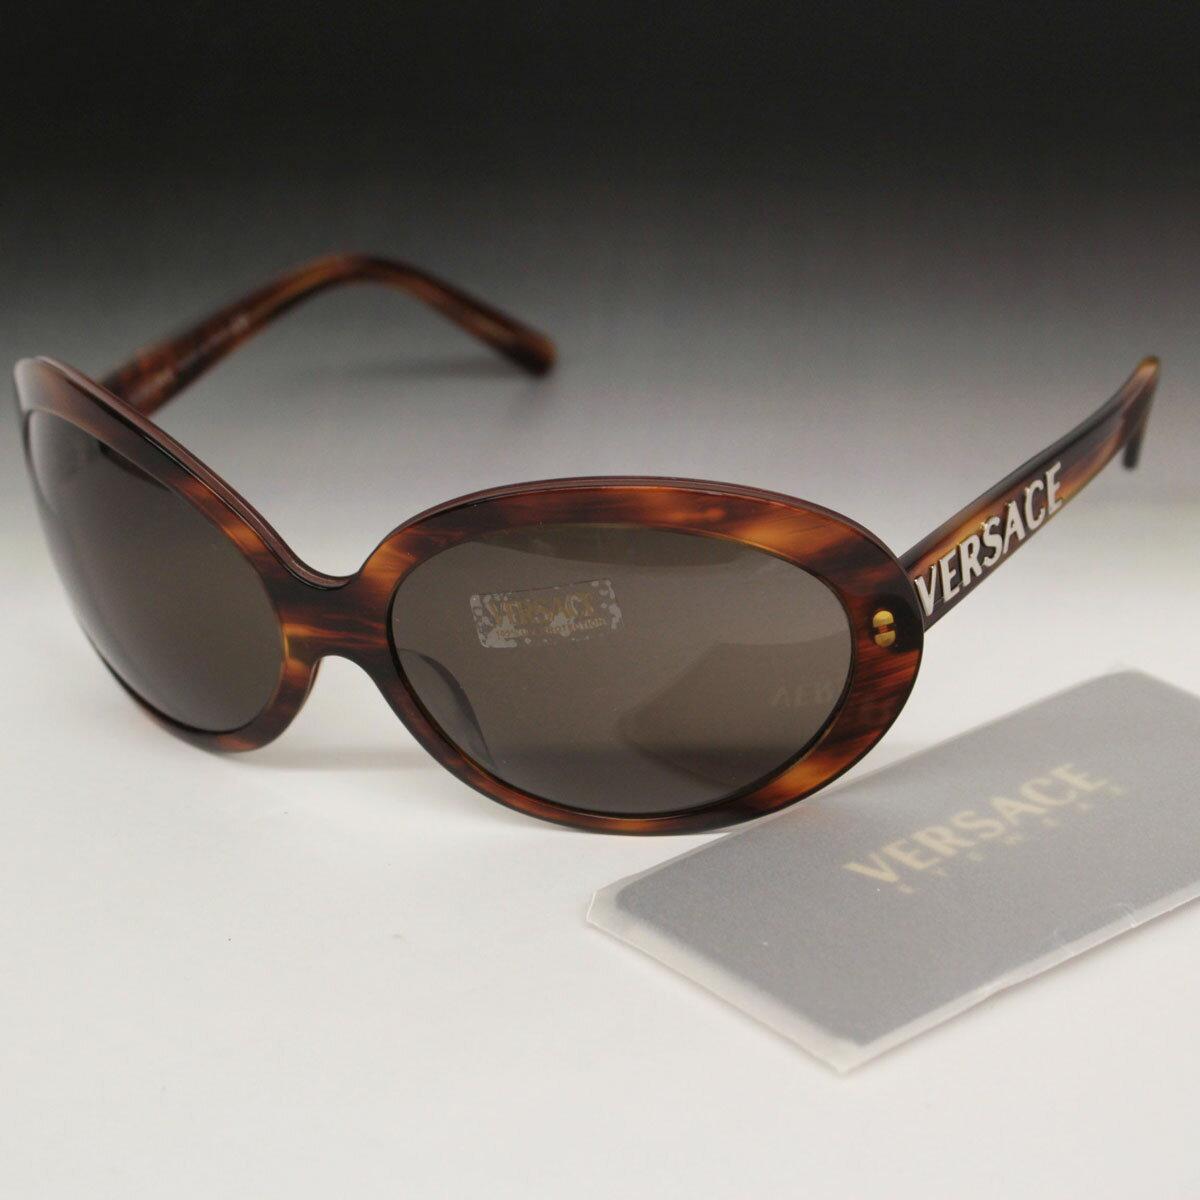 眼鏡・サングラス, サングラス VERSACE MOD.4096 1633 6517-125 brown